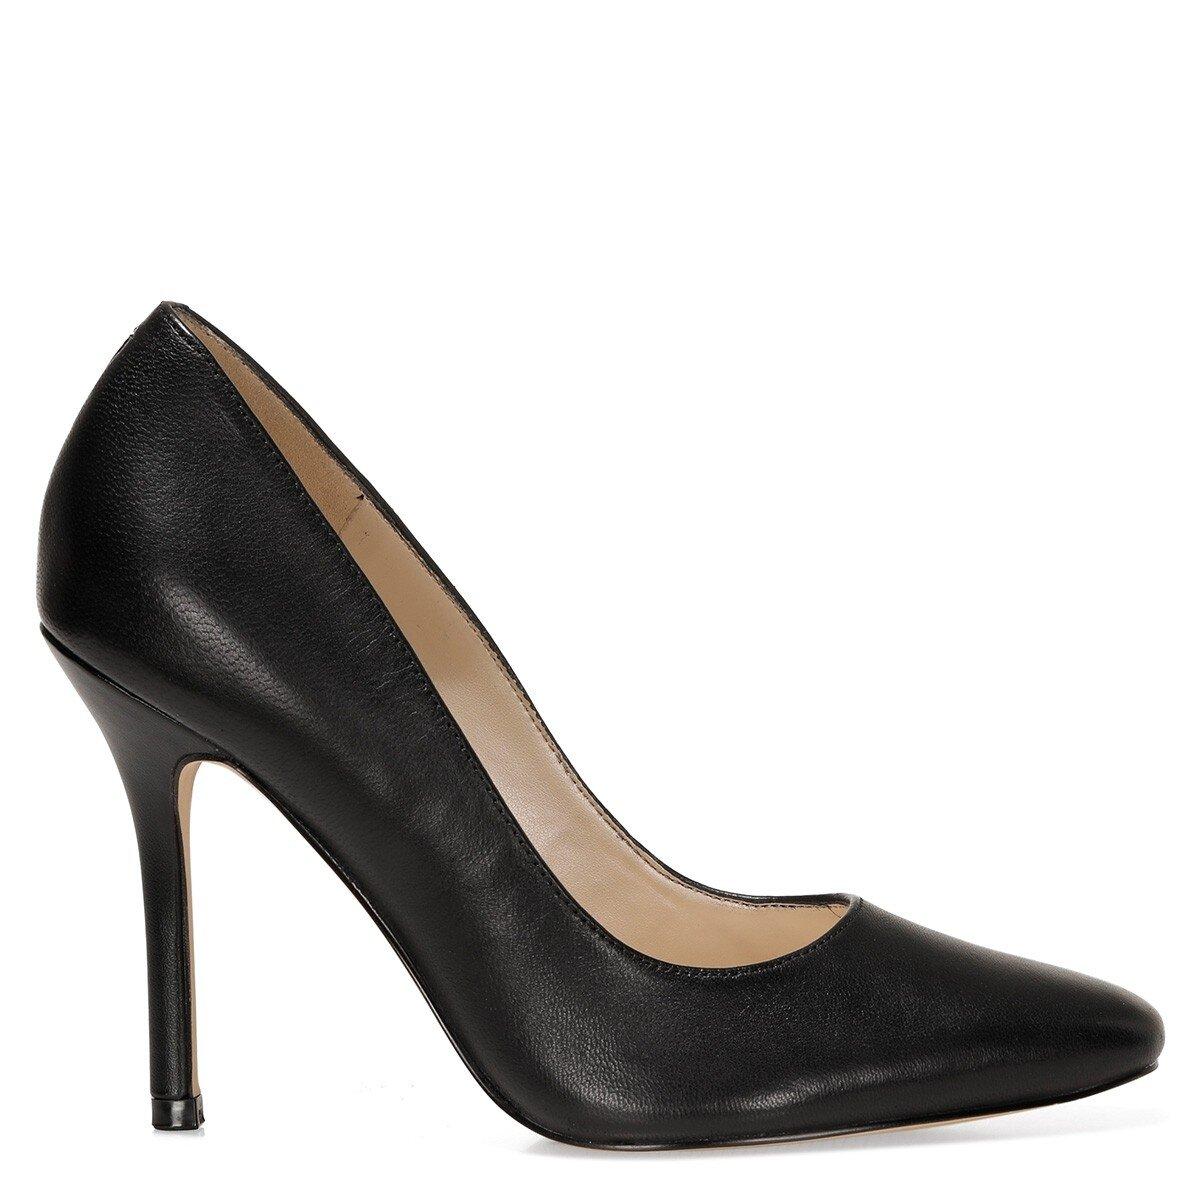 ARLEY Siyah Kadın Topuklu Ayakkabı